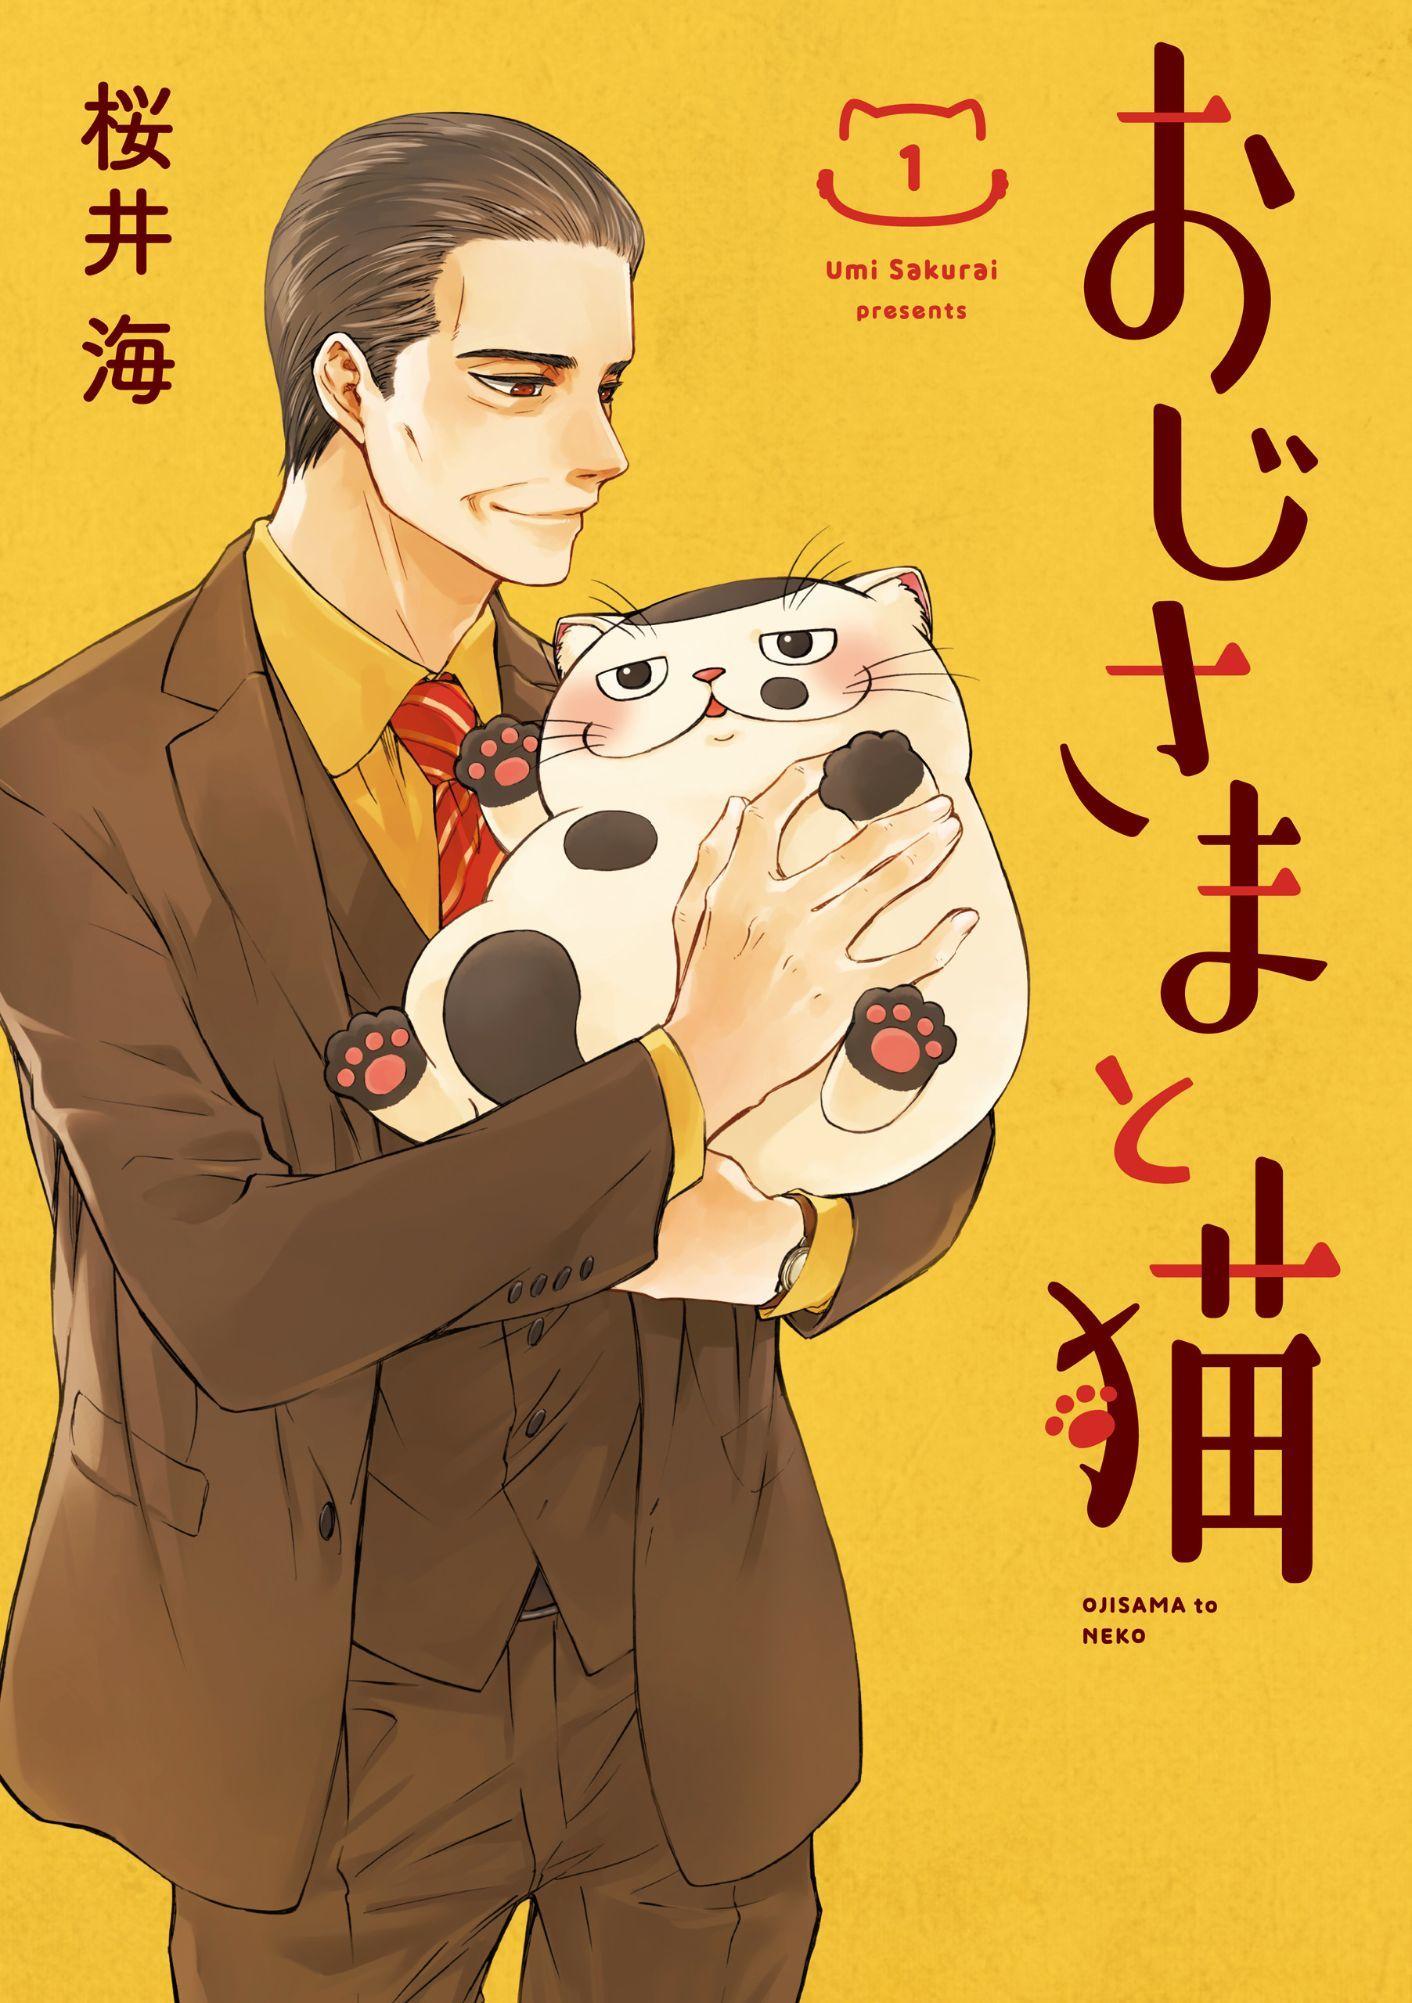 『おじさまと猫』書影 (C)Umi Sakurai/SQUARE ENIX